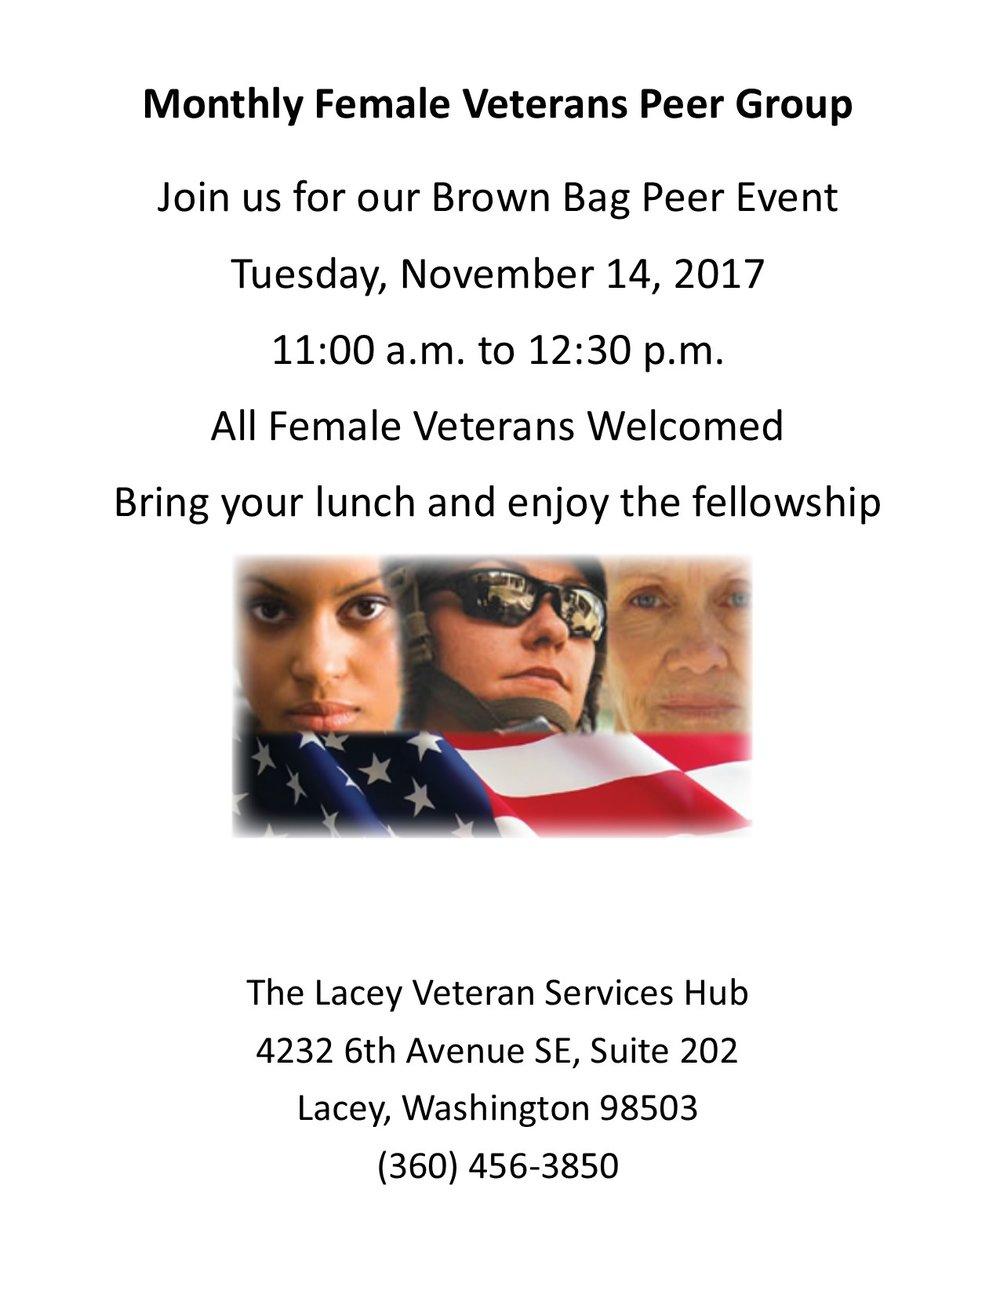 Female Veterans Peer Group Flyer November 2017.jpg